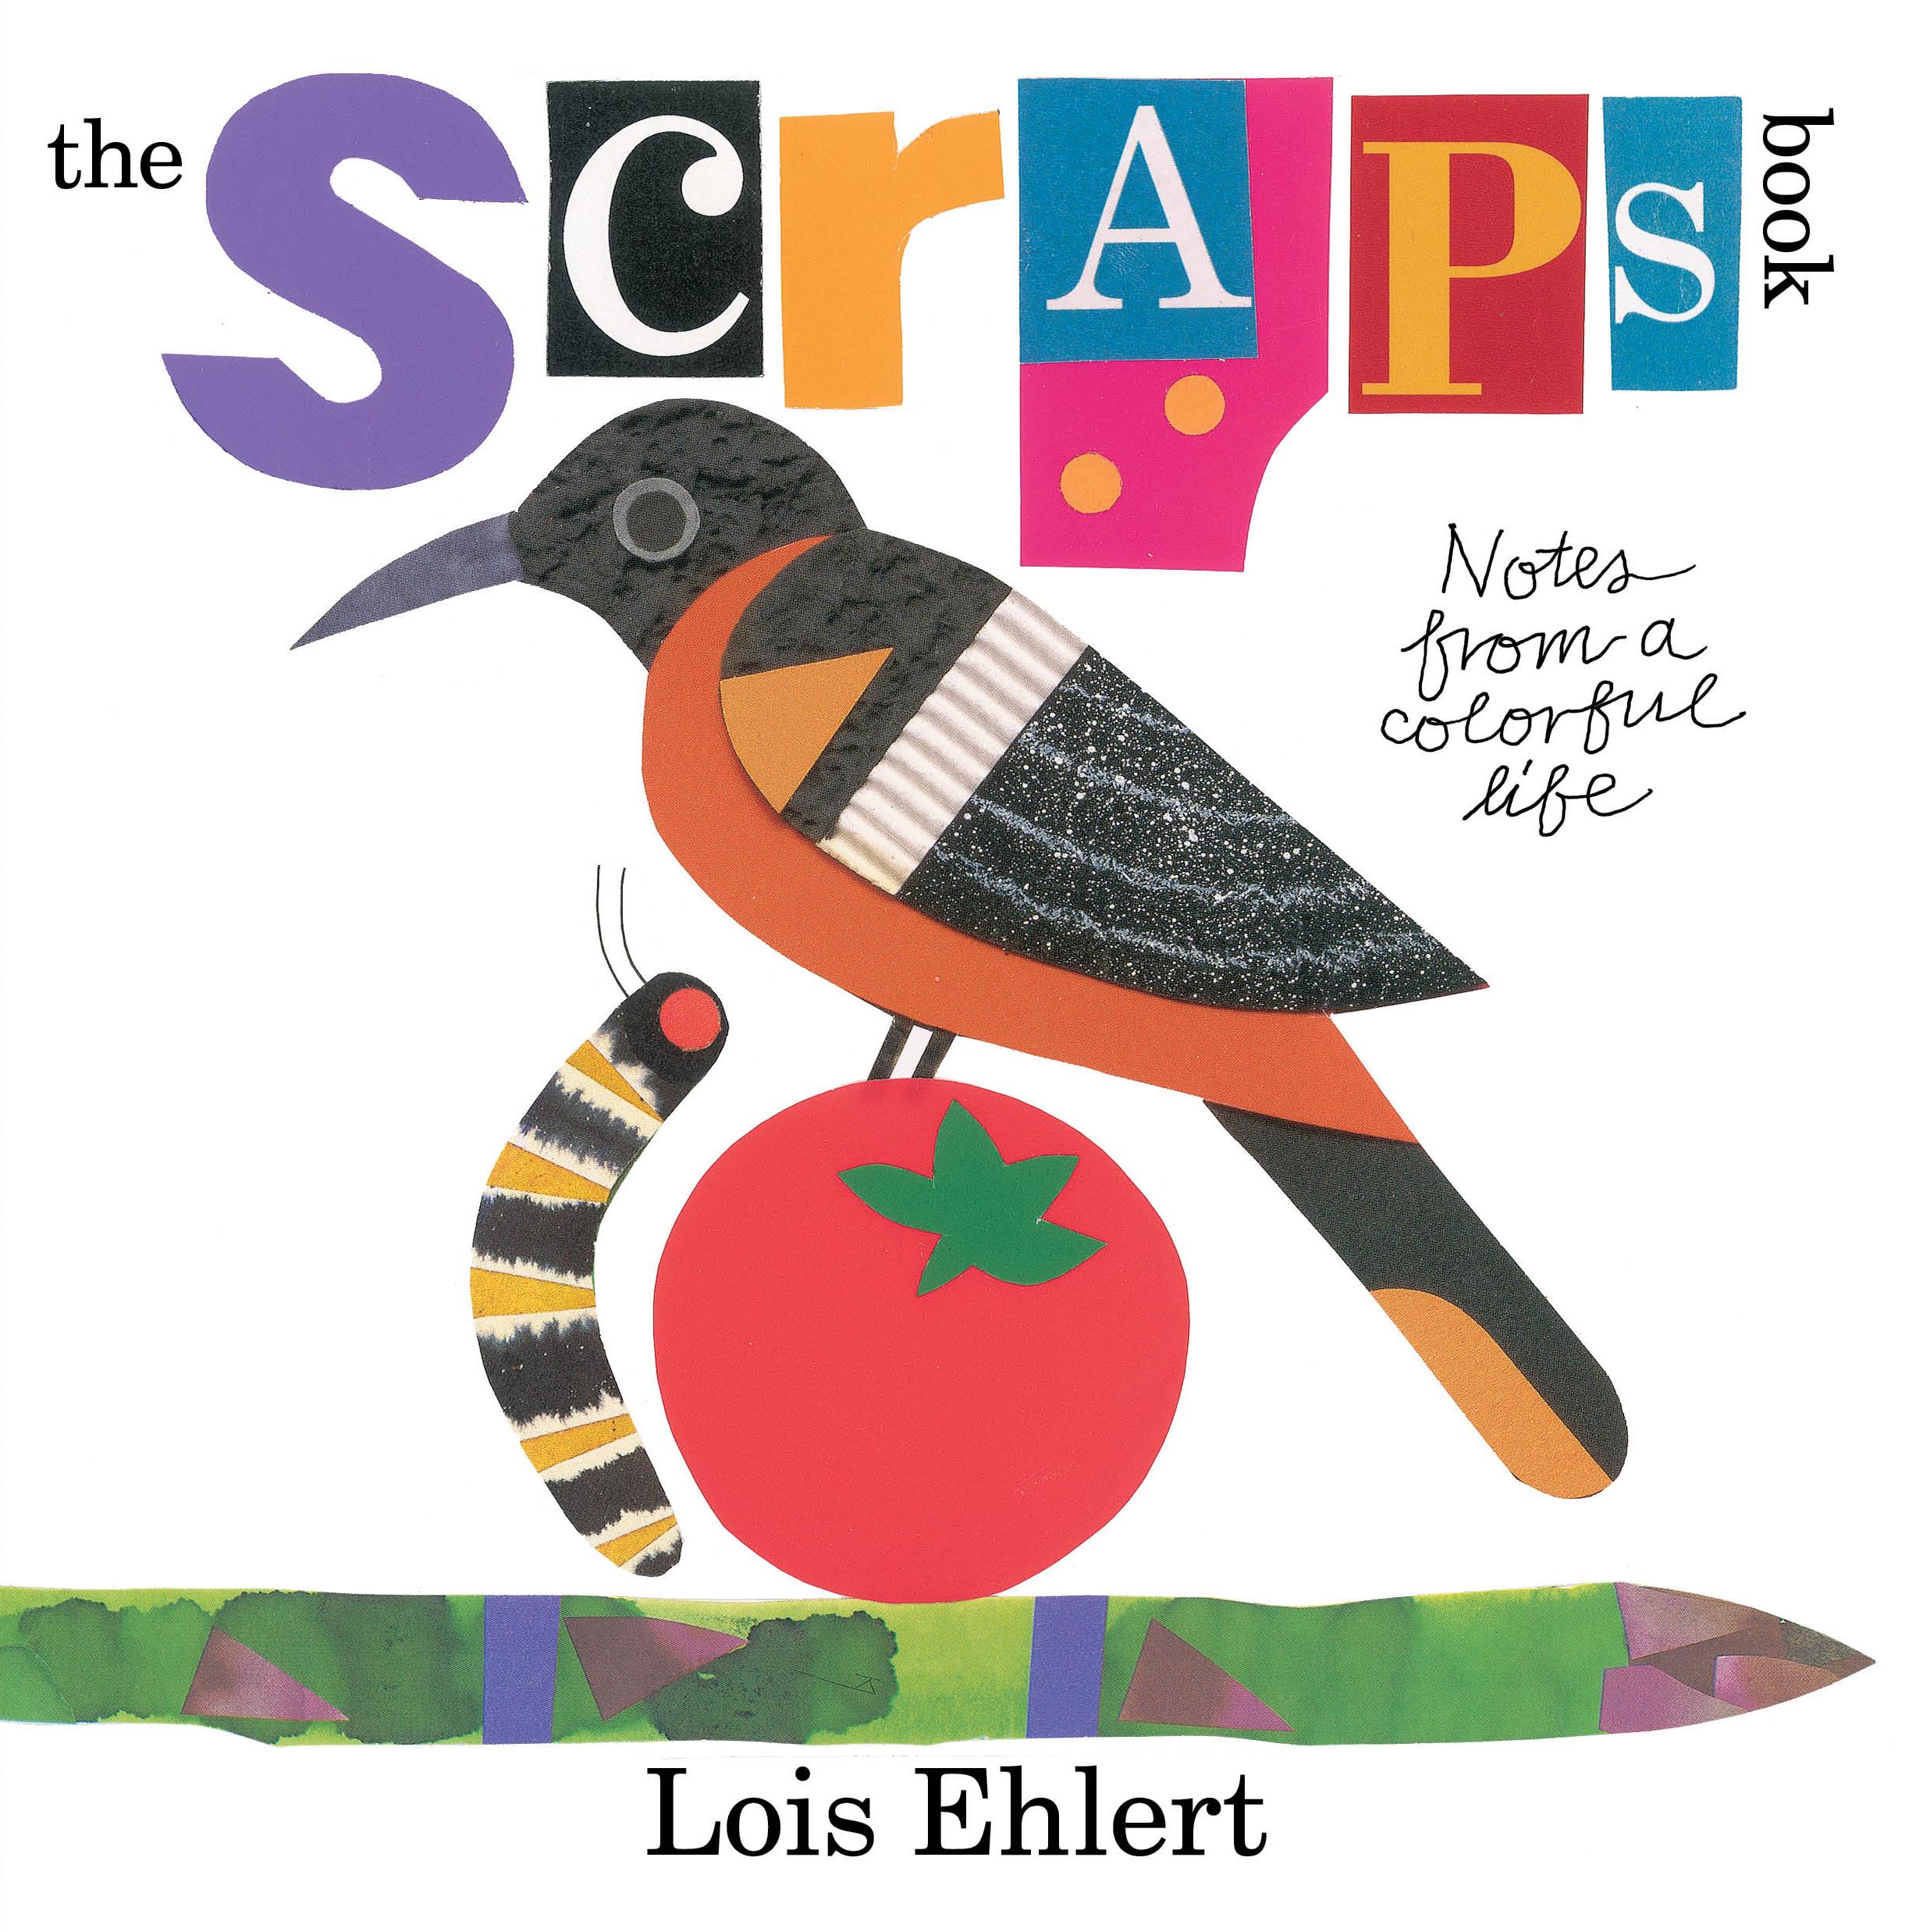 Scraps by Lois Ehlert